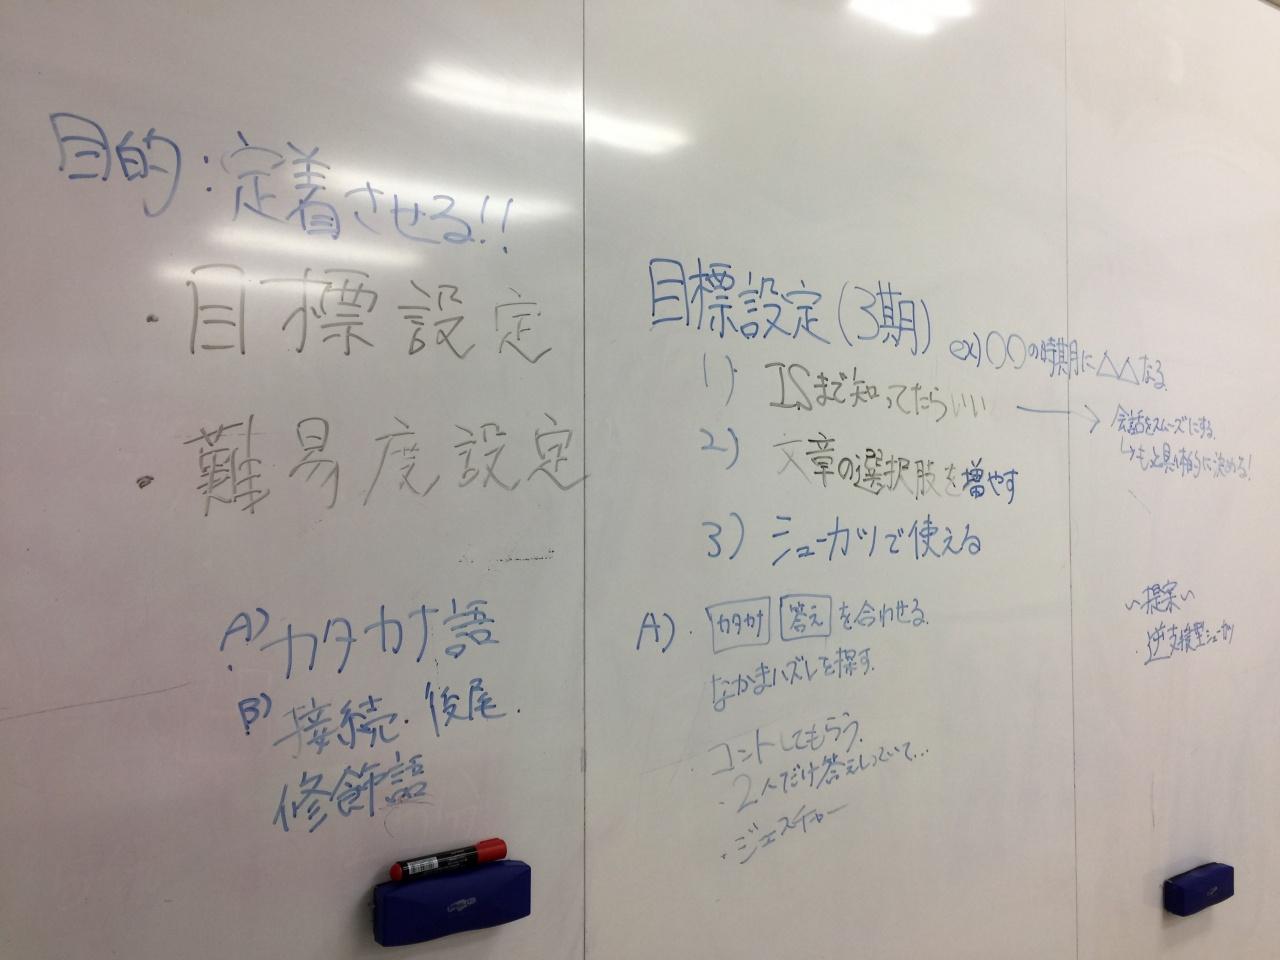 講義:京都産業大学 コーオプ教育 4年生の授業がはじまりました